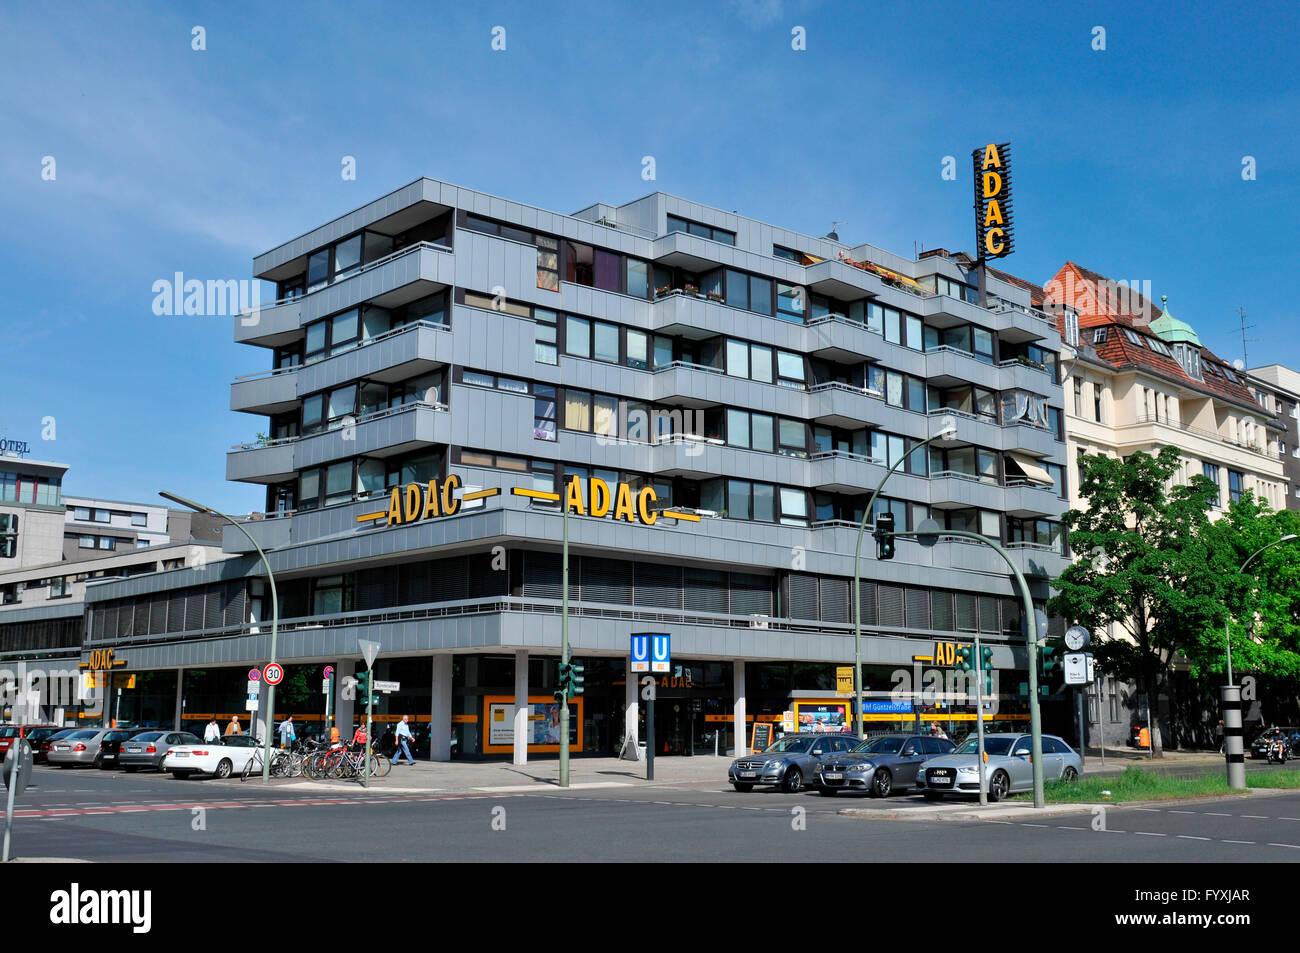 ADAC headquaters, Bundesallee, Wilmersdorf, Berlin, Germany - Stock Image